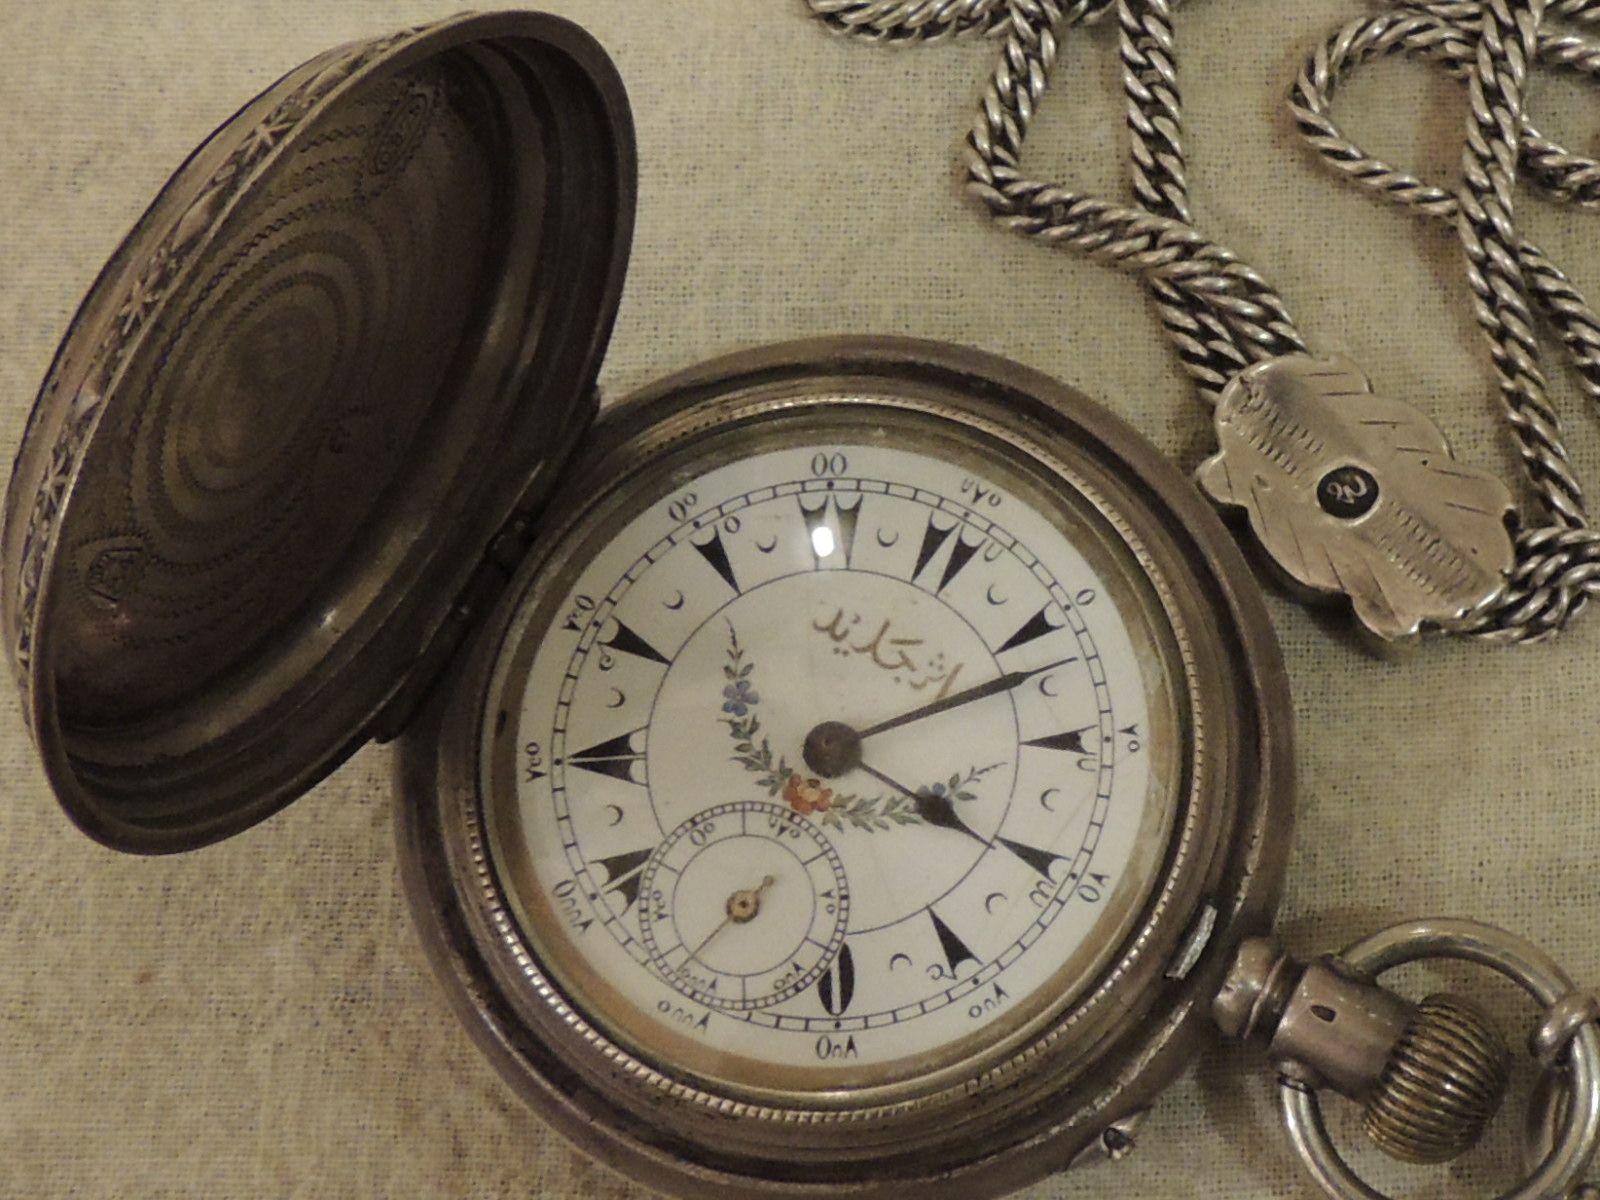 Eski Saatleri Değerlendirelim